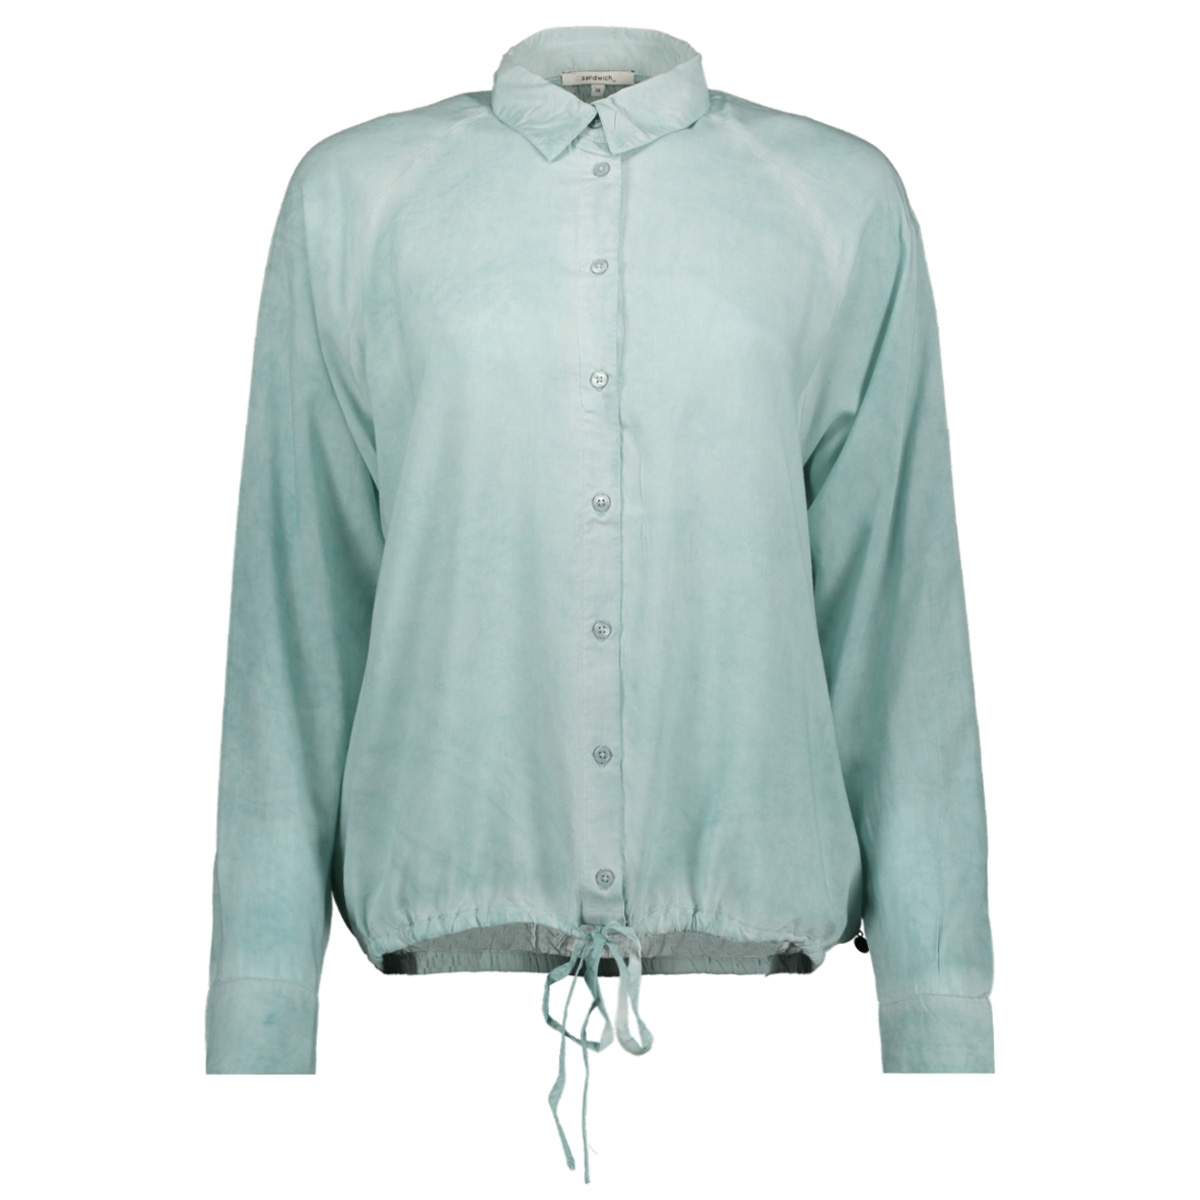 vintage blouse 22001635 sandwich blouse 50072